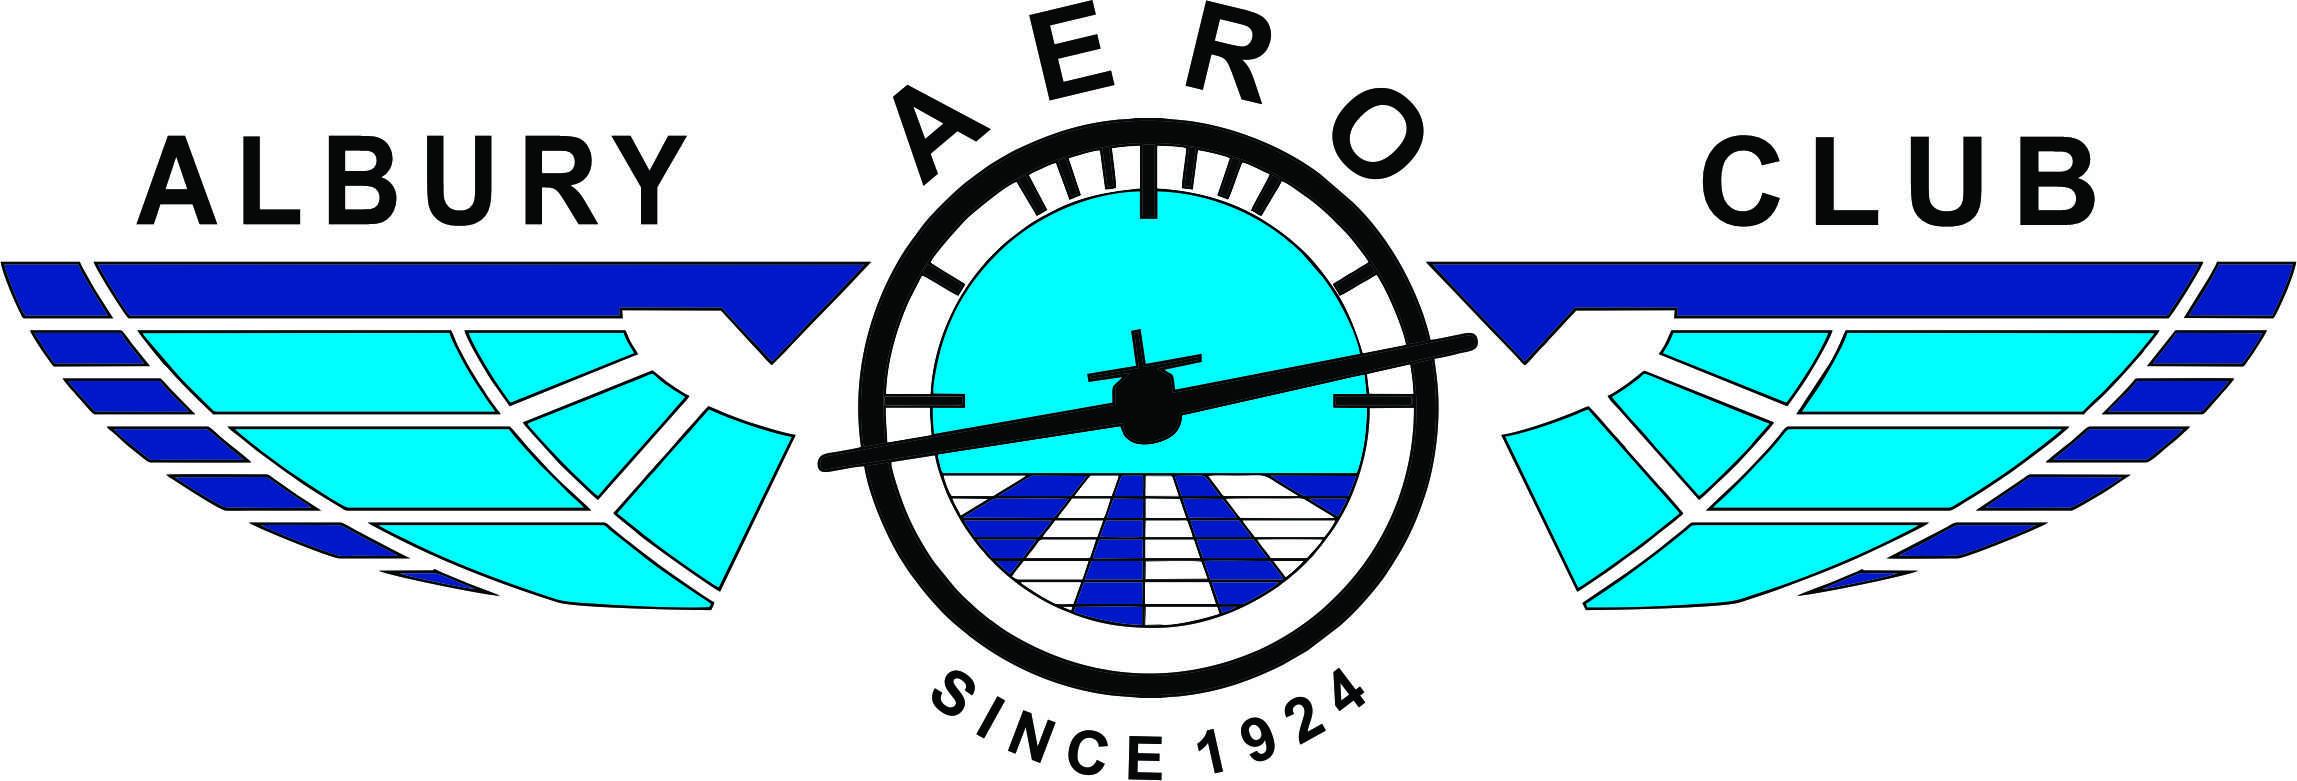 Albury Aero Club